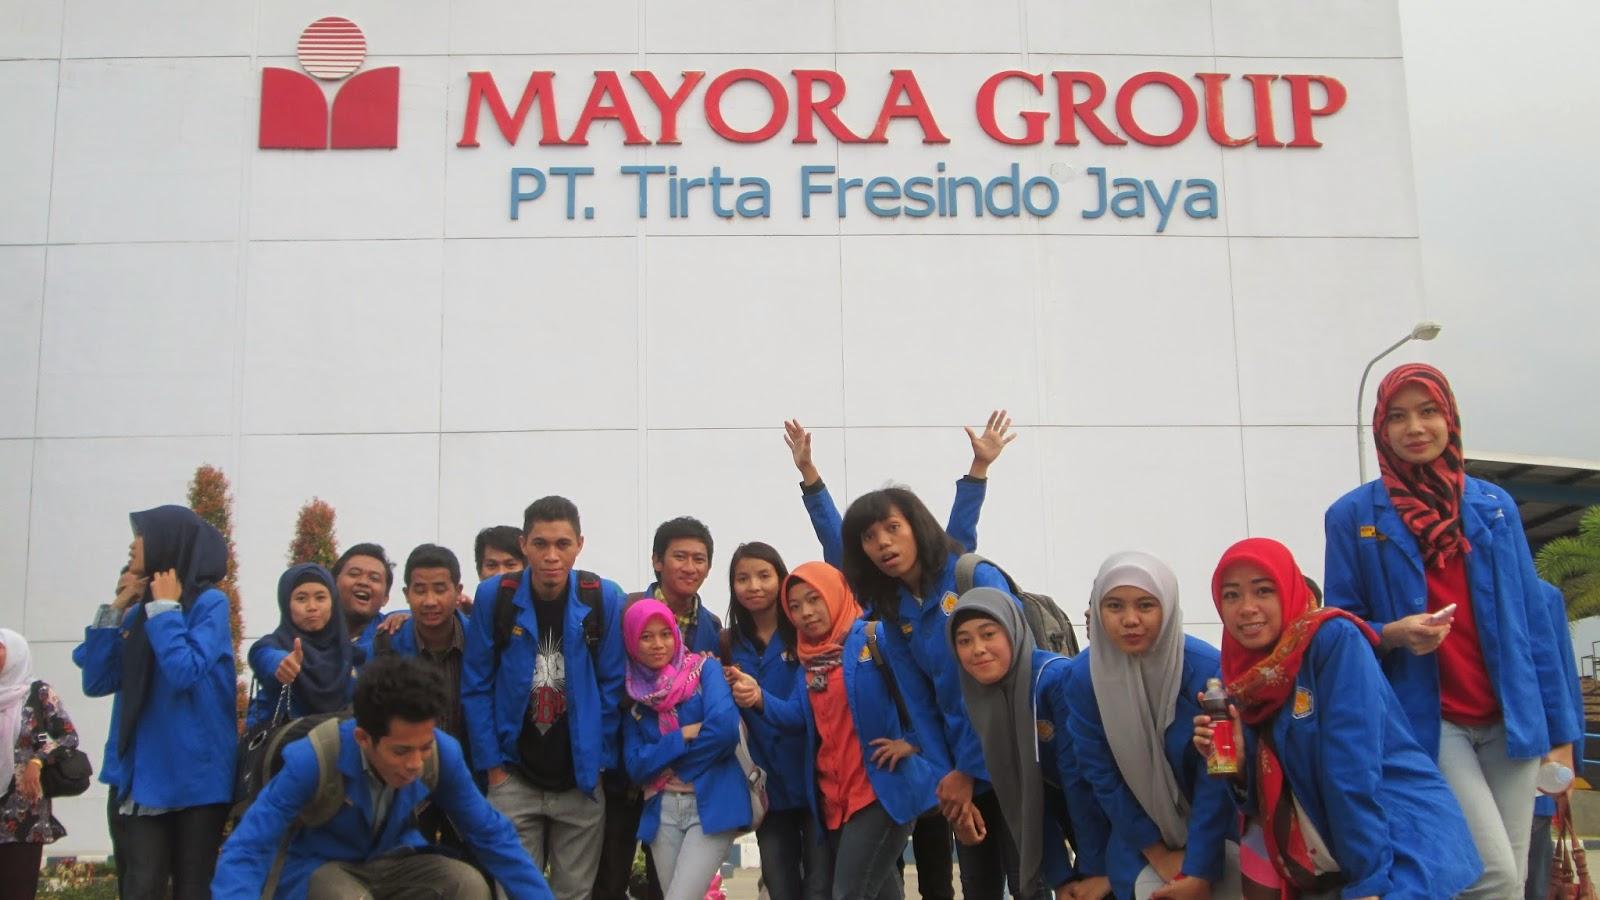 Loker PT Mayora Group Lowongan Kerja PT Tirta Fresindo Jaya Paling Baru 2019